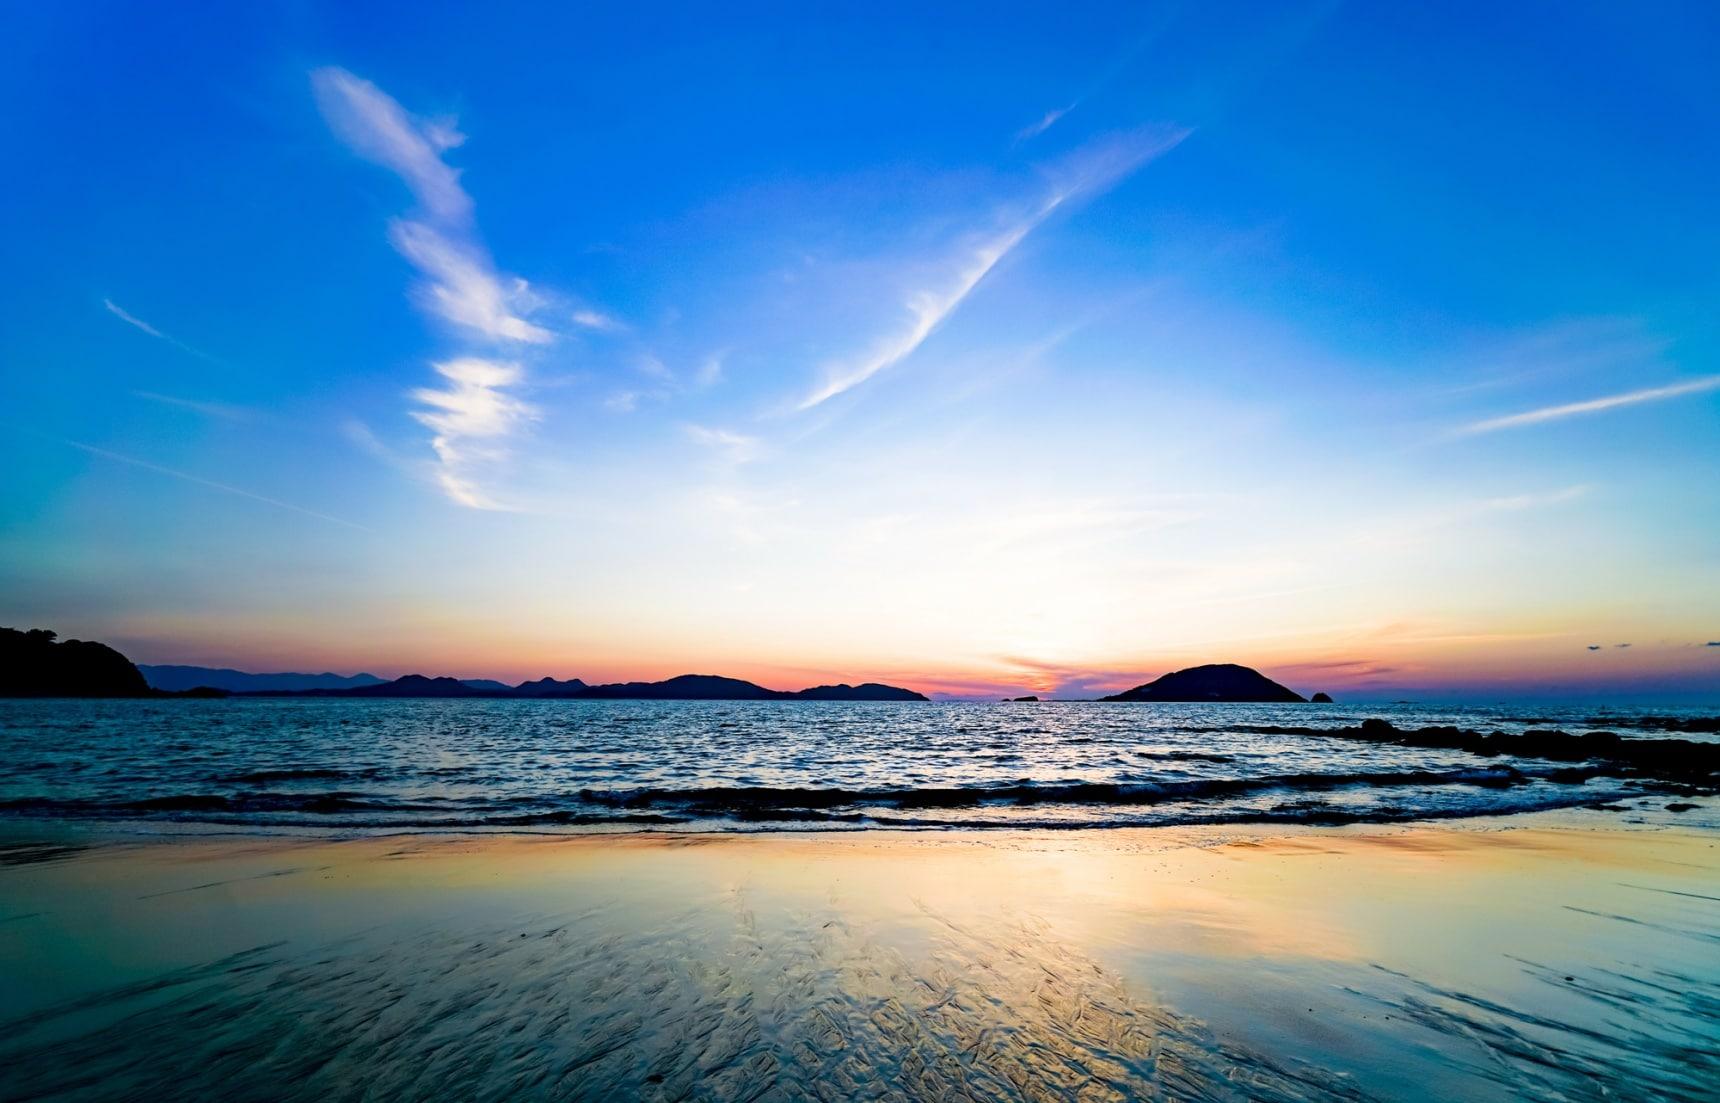 【福岡景點】值得放慢腳步用心感受的福岡旅遊景點清單